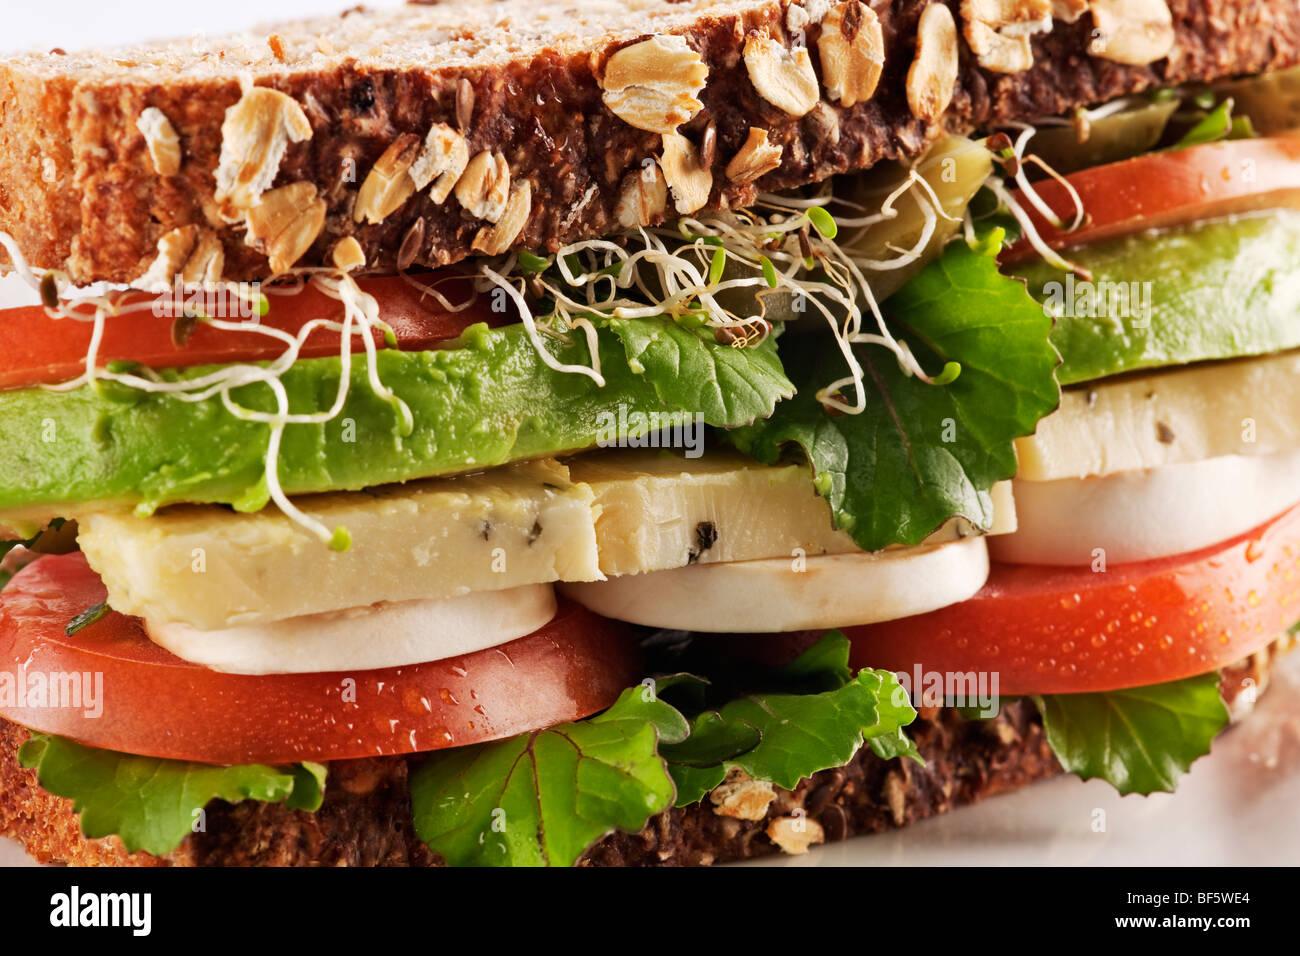 Salud Vegetariana pan sándwich con aguacate, queso, champiñones, tomates, coles y lechugas Imagen De Stock